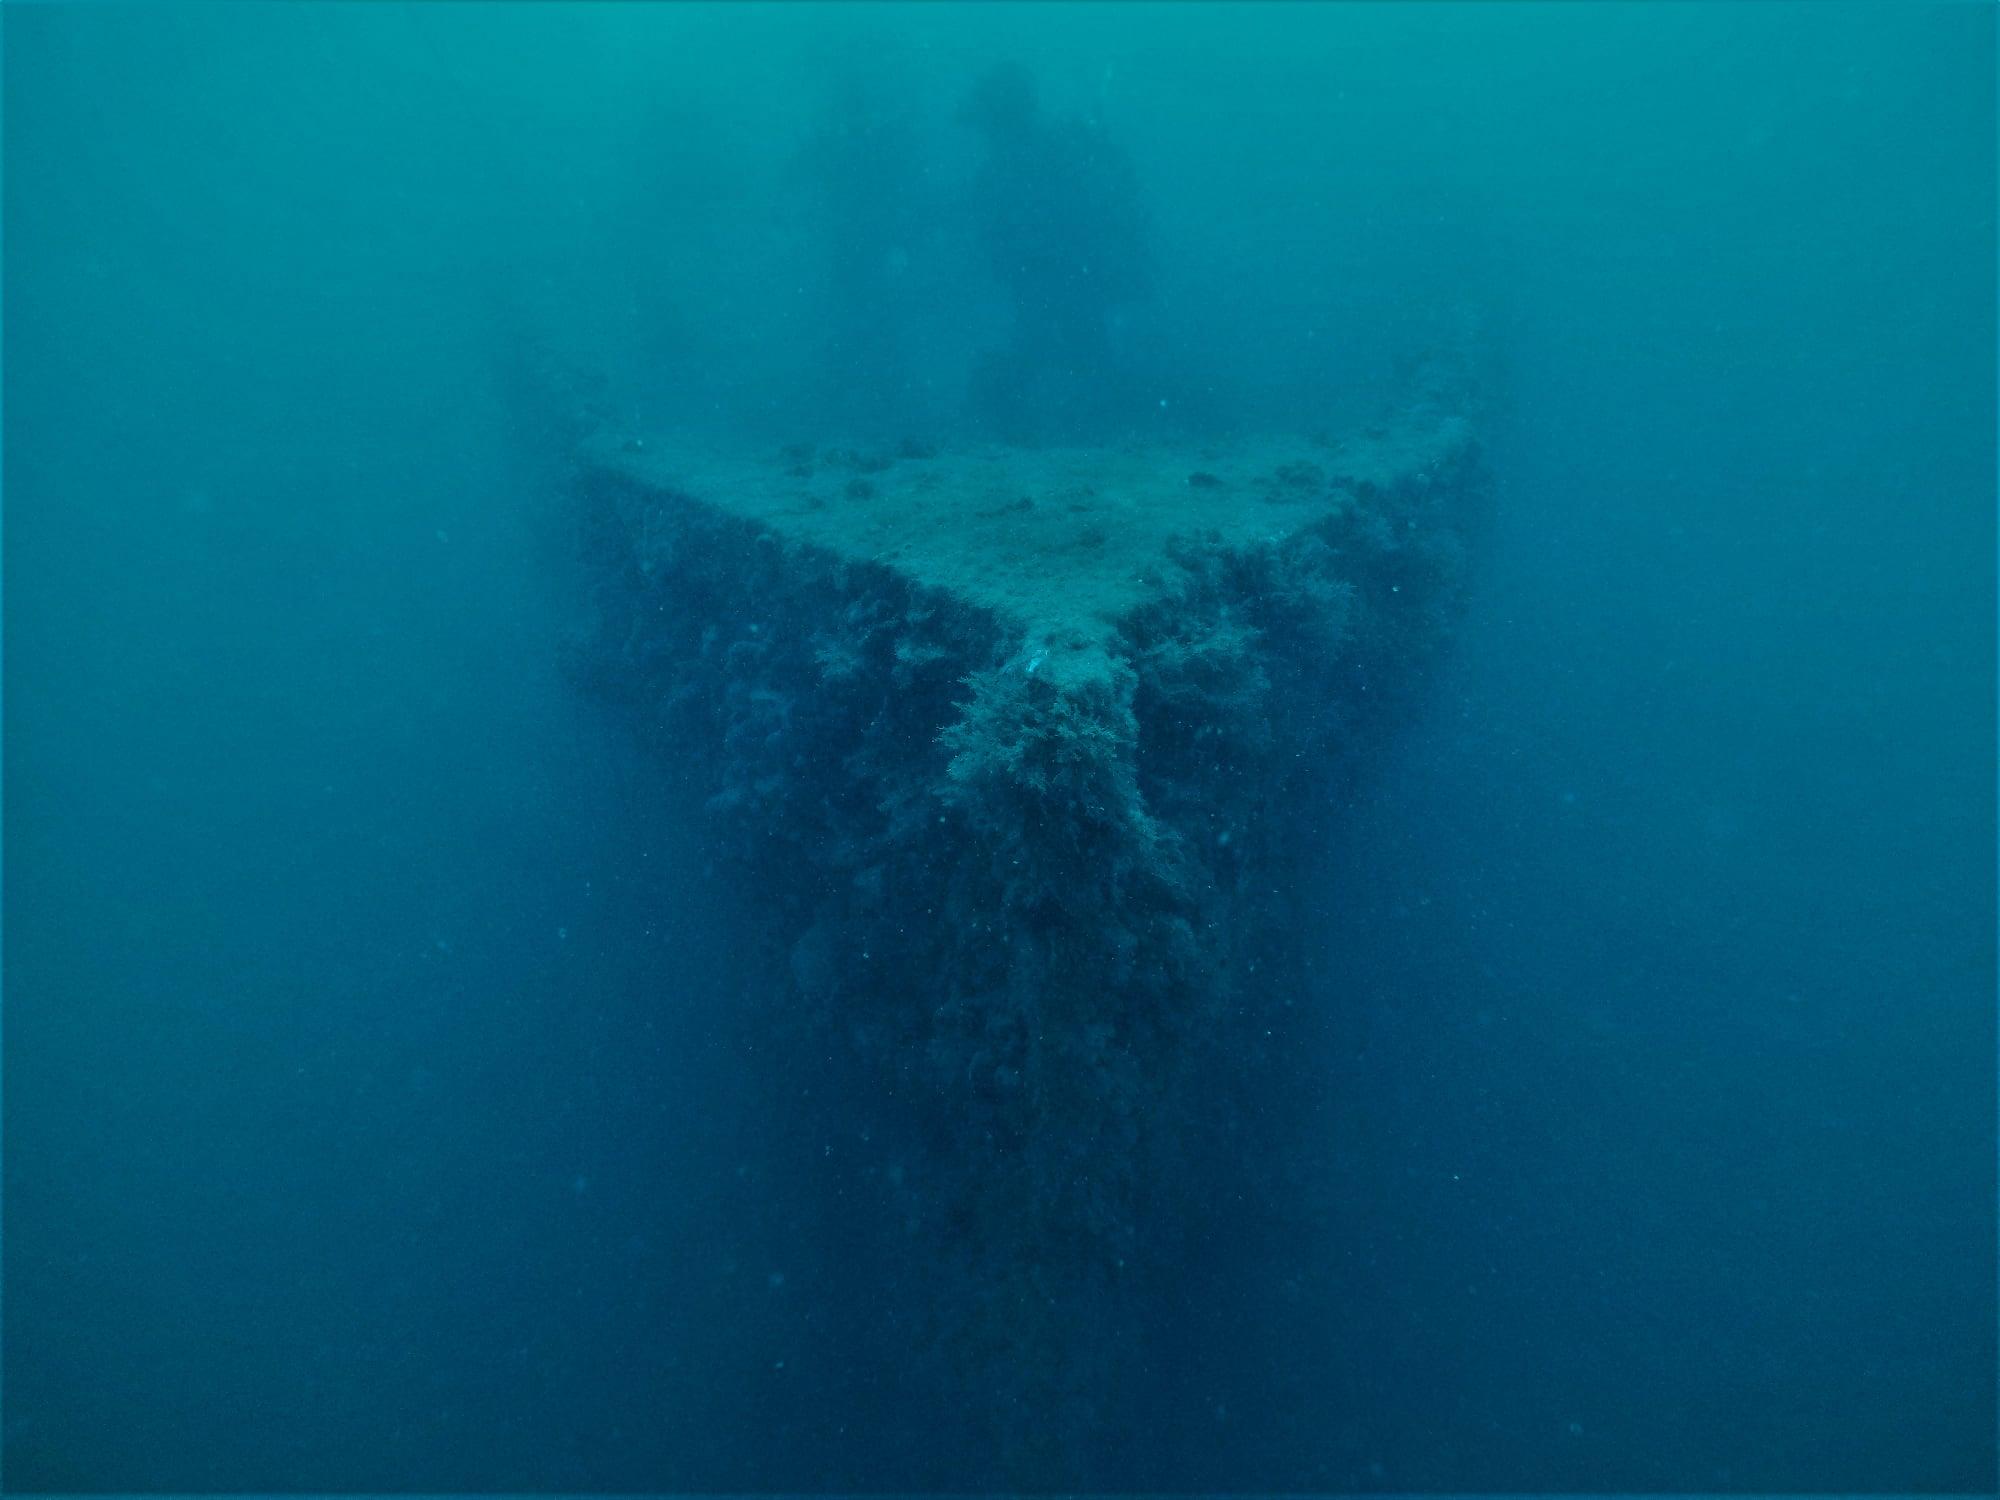 Nel corso dell'esercitazione di ricerca e soccorso i subacquei istriani hanno deposto una ghirlanda di fiori sul Baron Gautsch